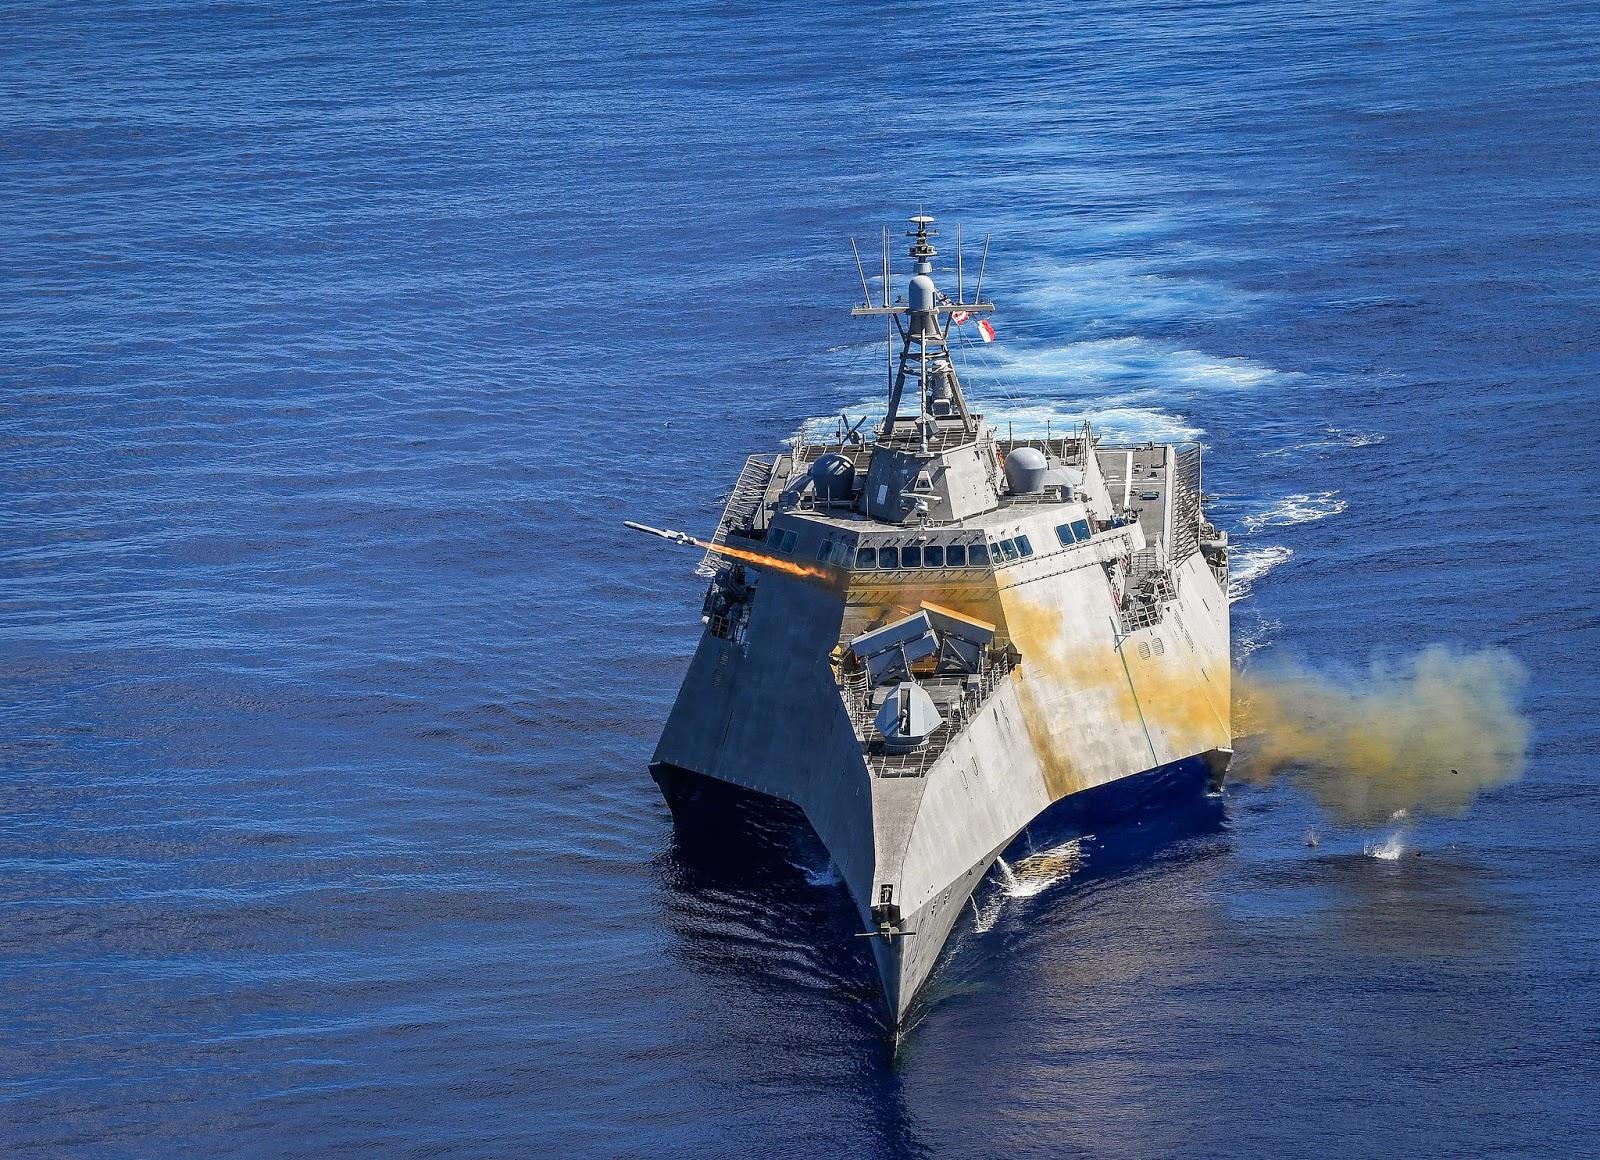 Бойовий корабель прибережної зони ВМС США USS Gabrielle Giffords (LCS 10) на навчаннях «Pacific Griffin» поблизу Гуаму продемонстрував можливості ракет NSM